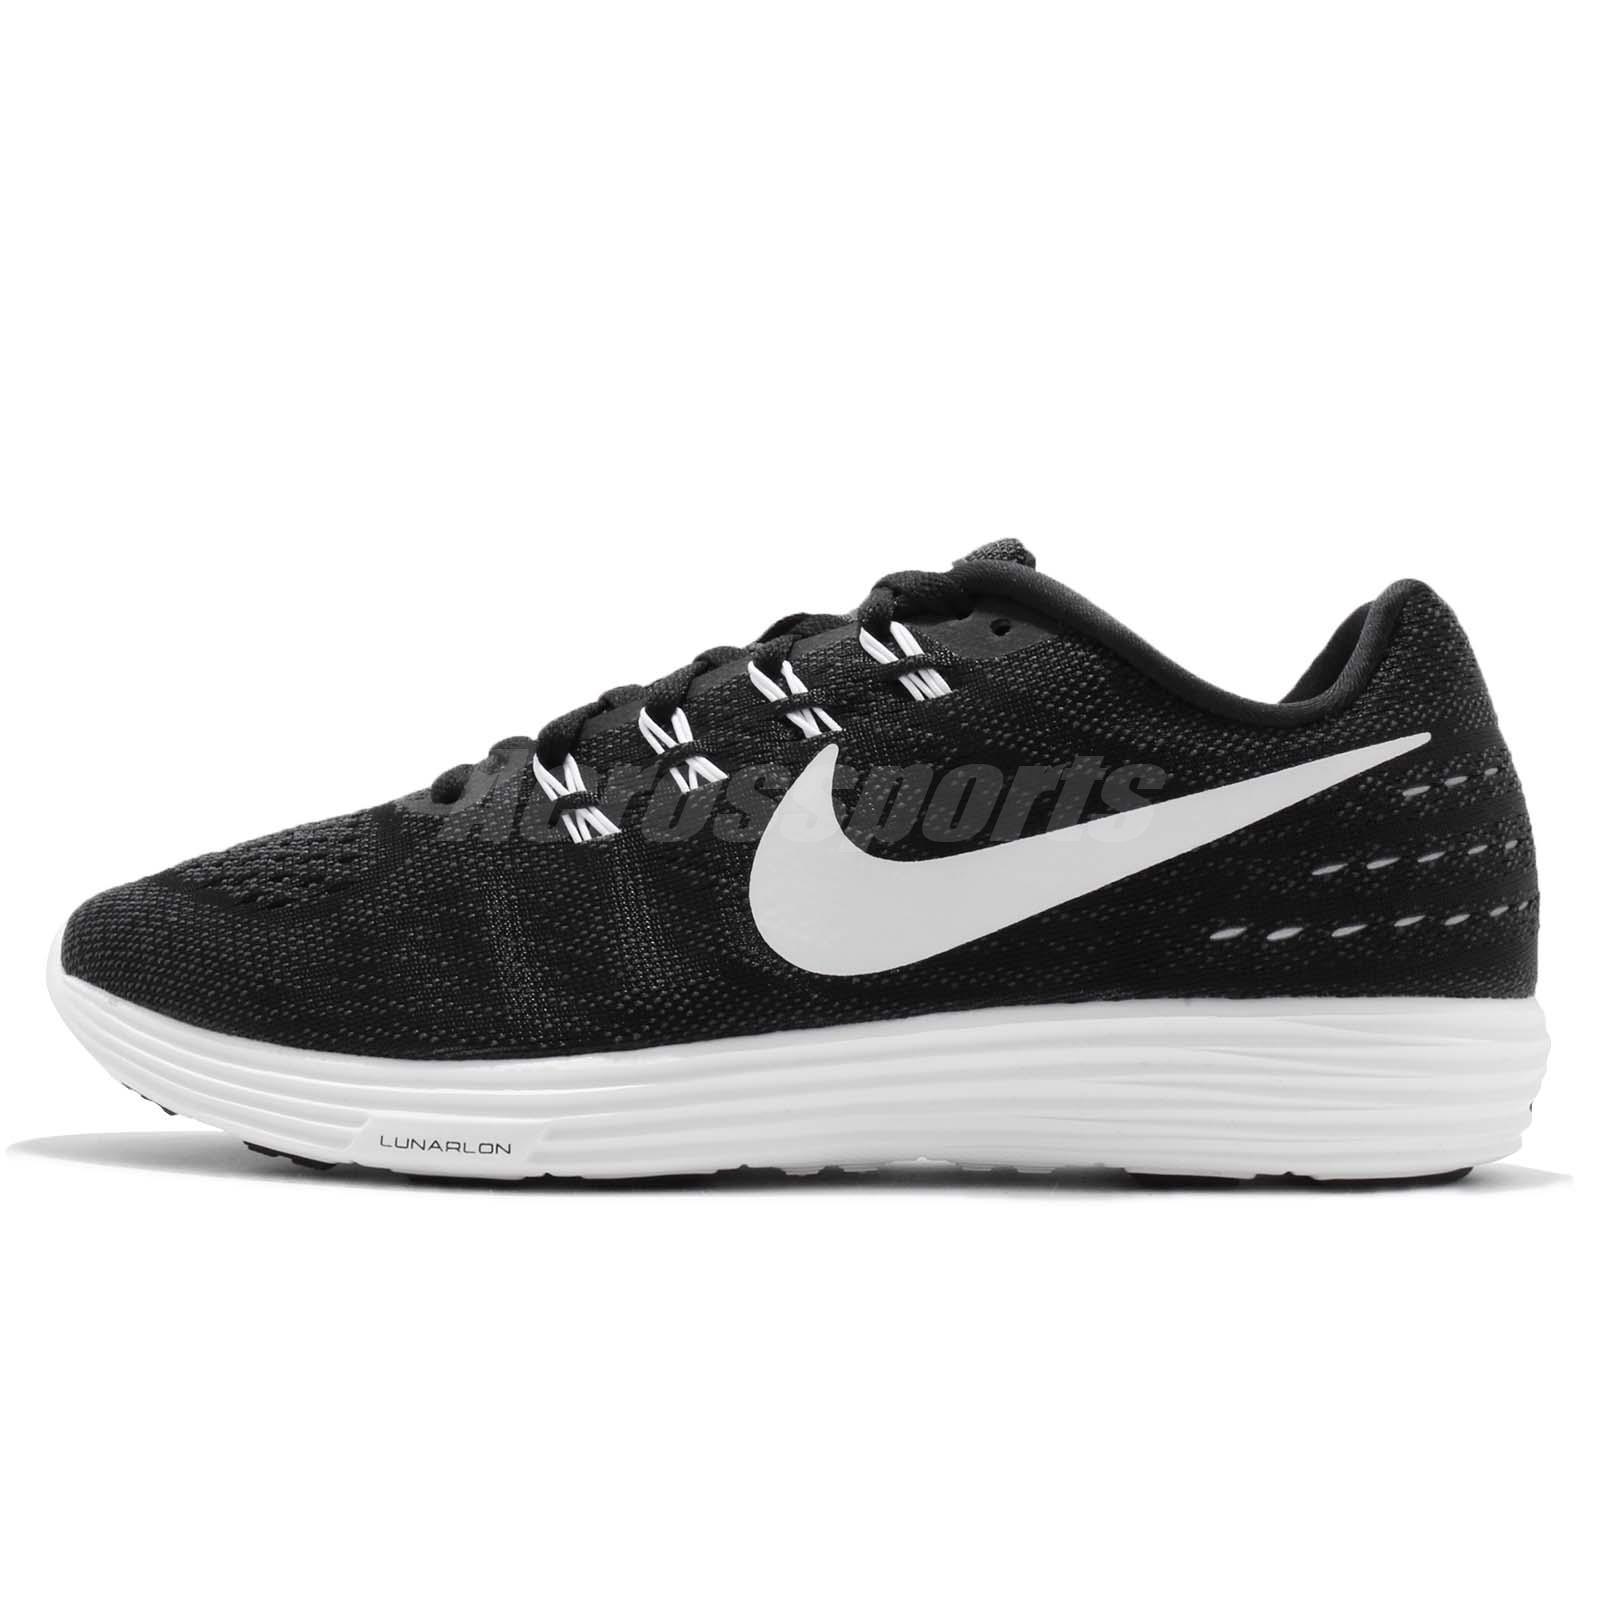 nike lunartempo 2 ii black white mens running shoes. Black Bedroom Furniture Sets. Home Design Ideas